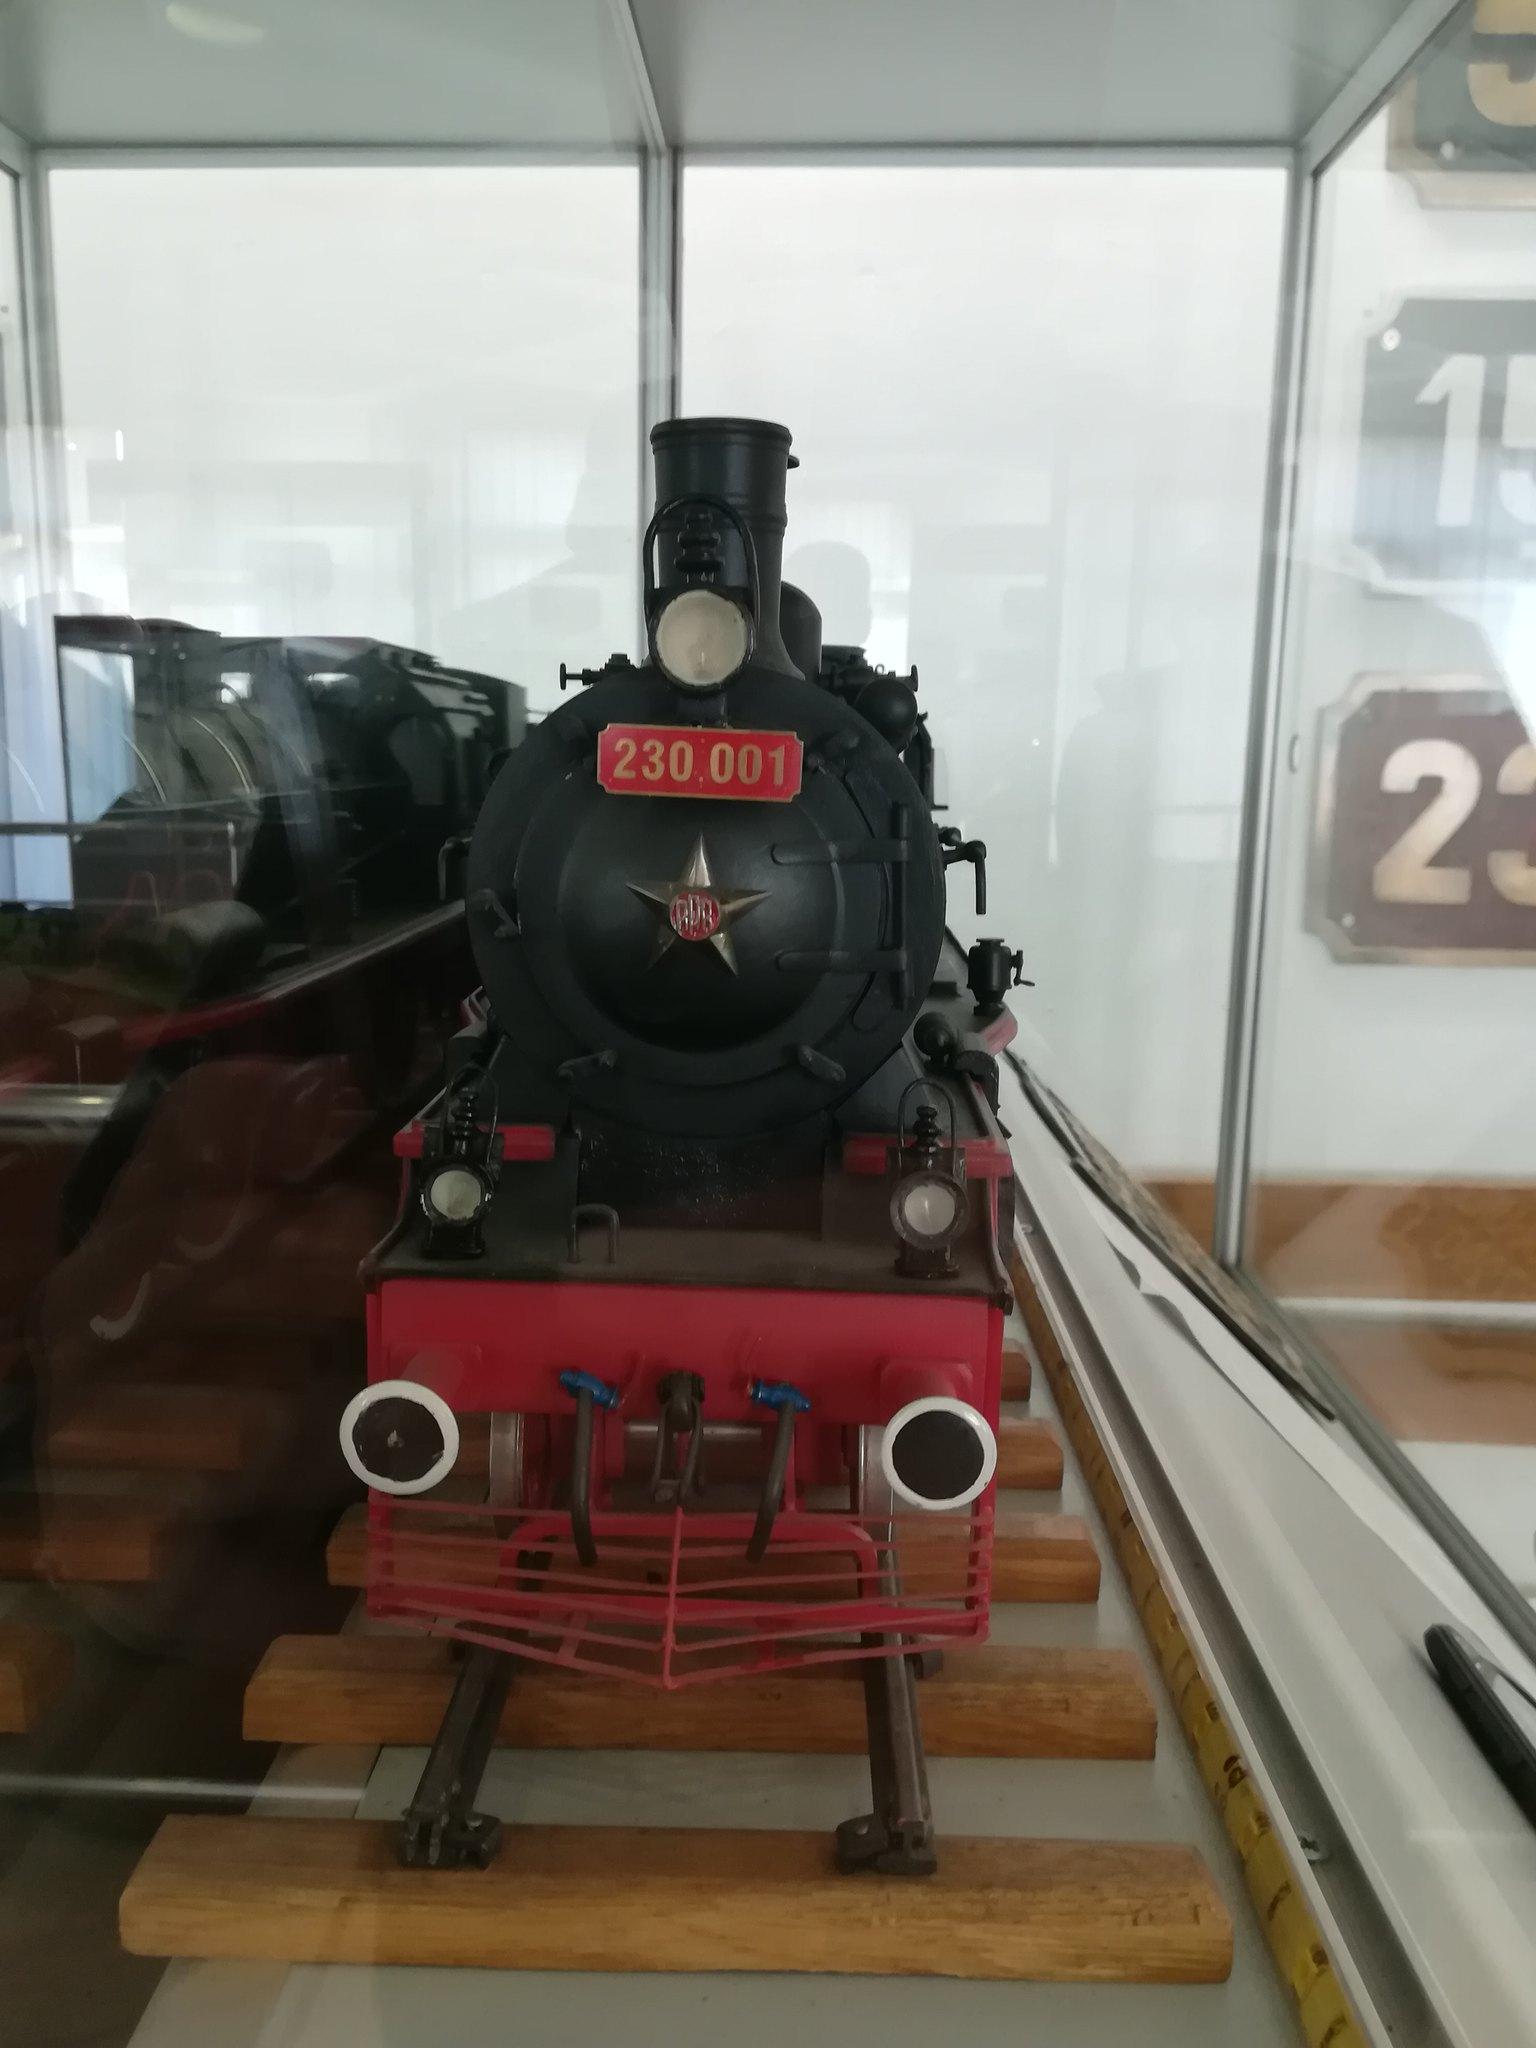 Reportaje feroviare Adirmvl - Pagina 21 49596048181_8aa5e2f336_k